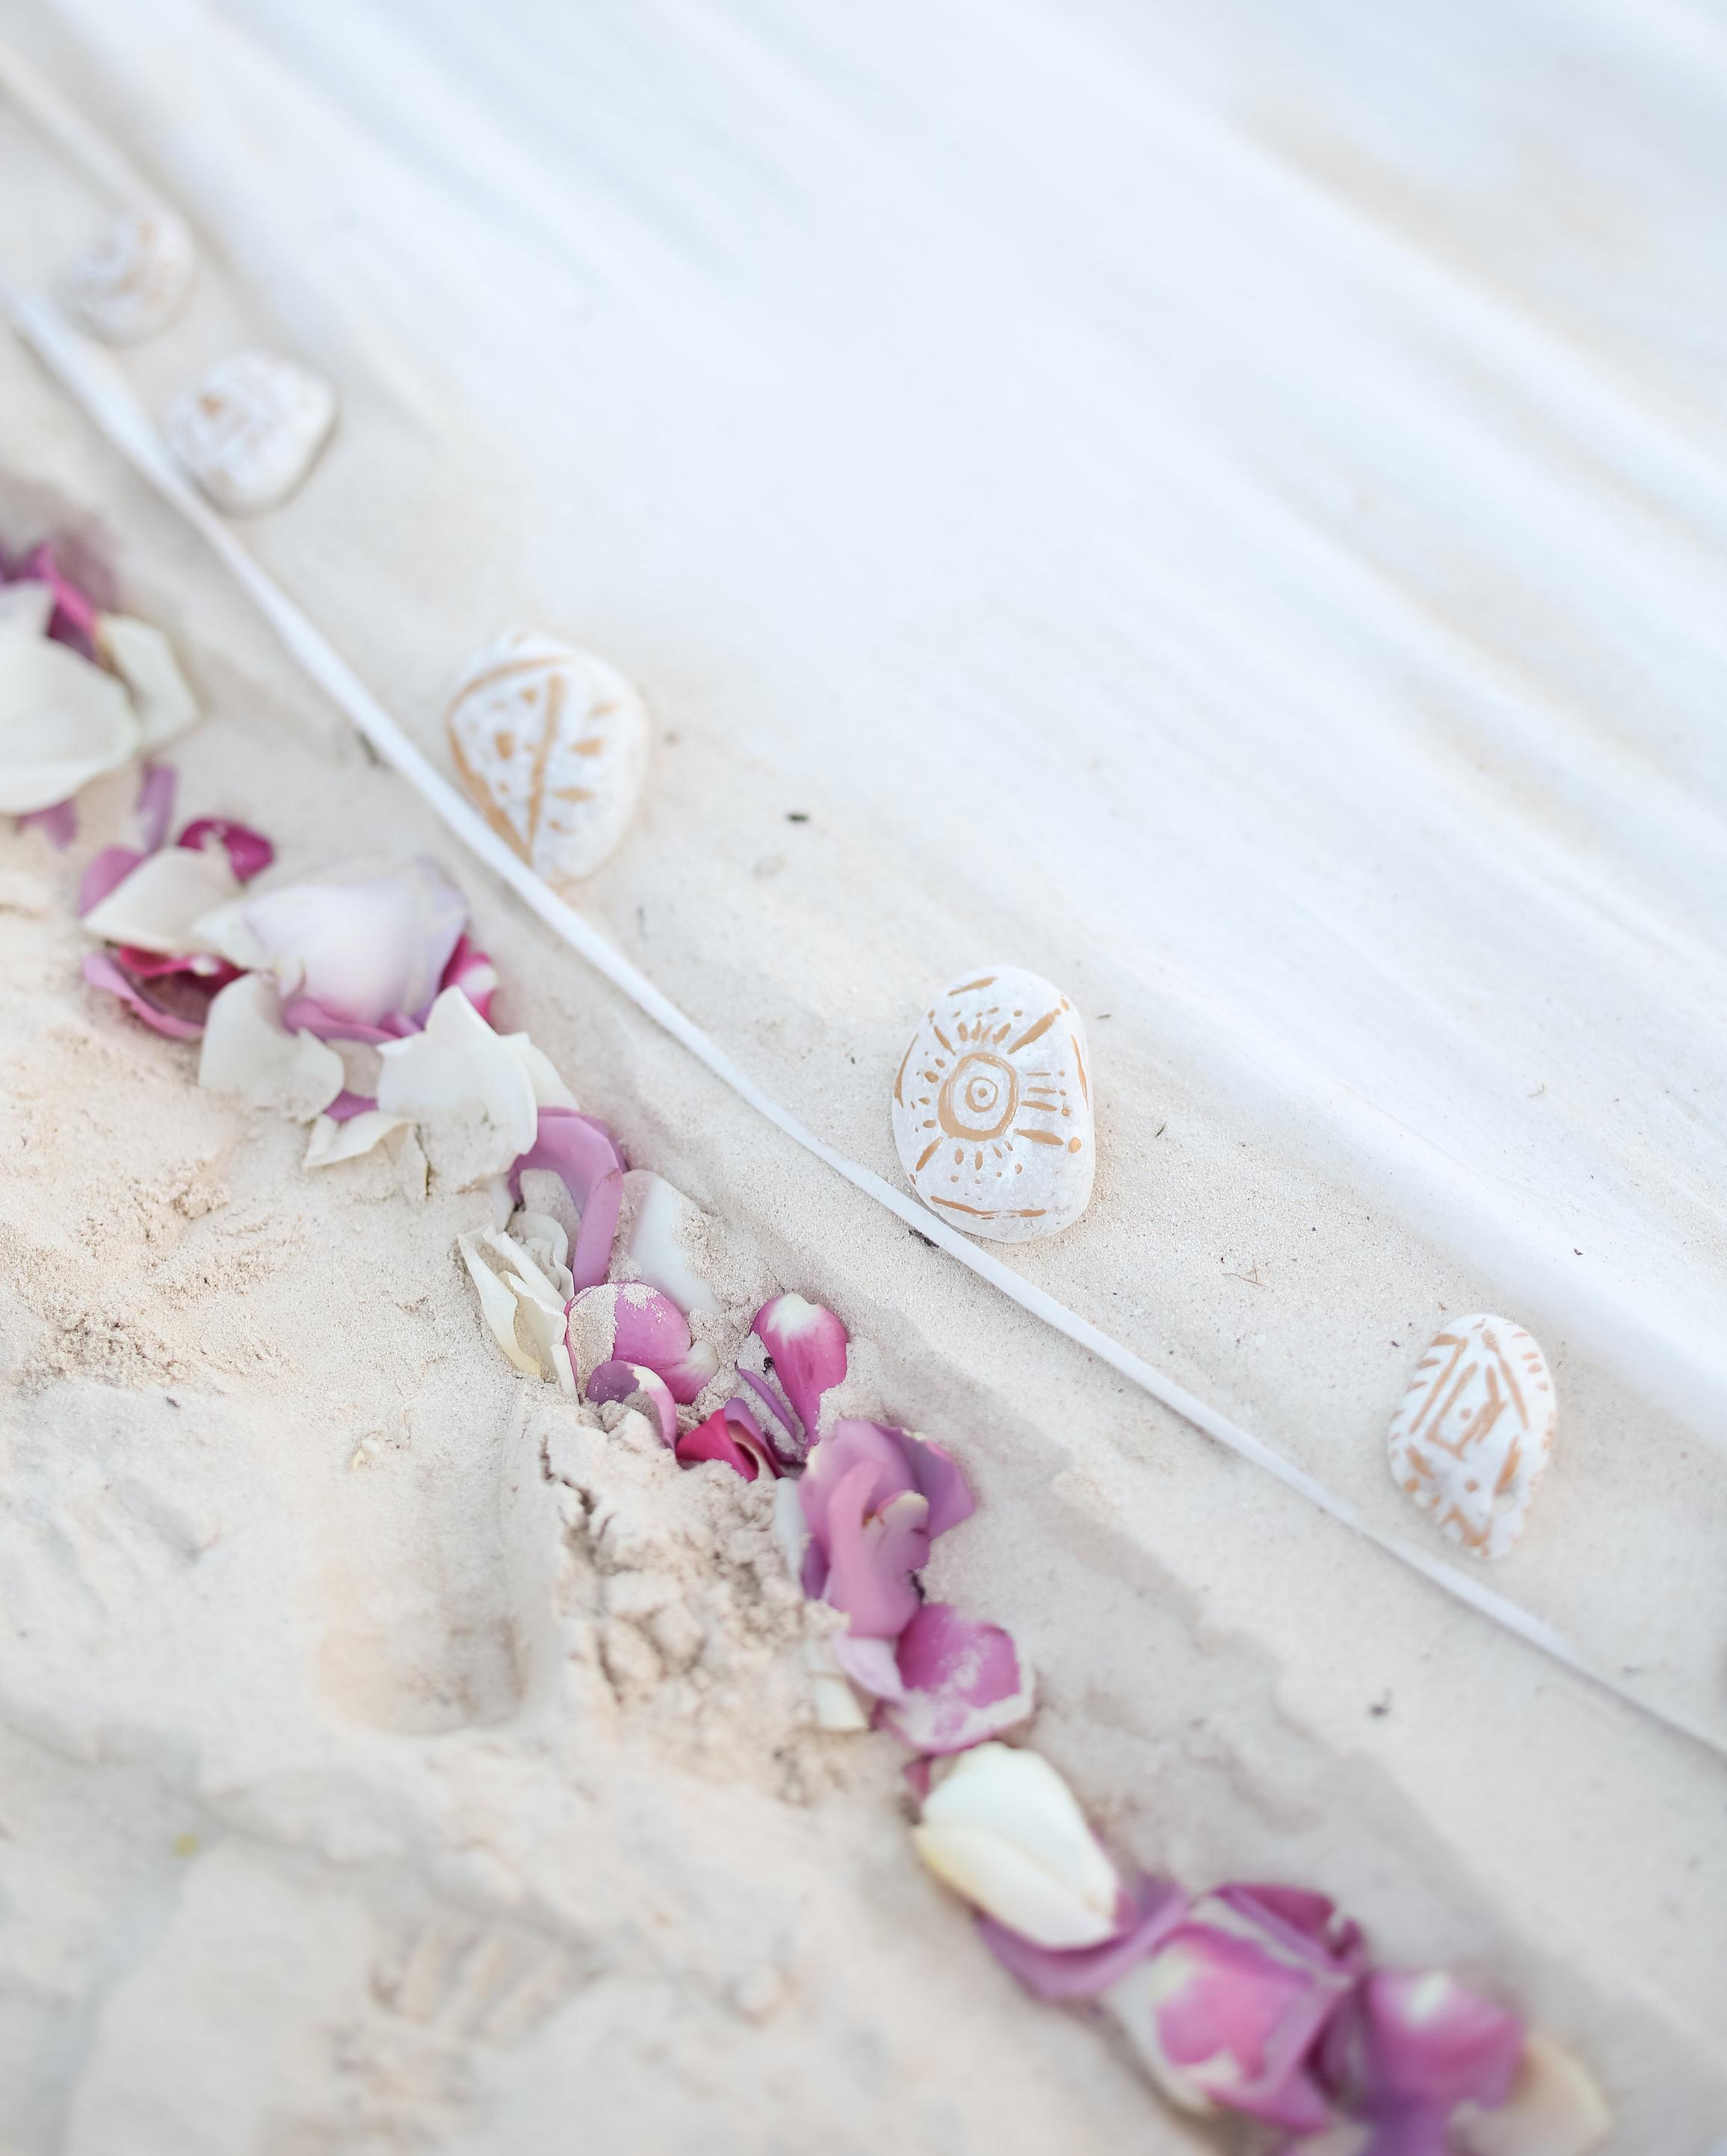 olivia-keith-wedding-aisle-75-s112304-0815.jpg